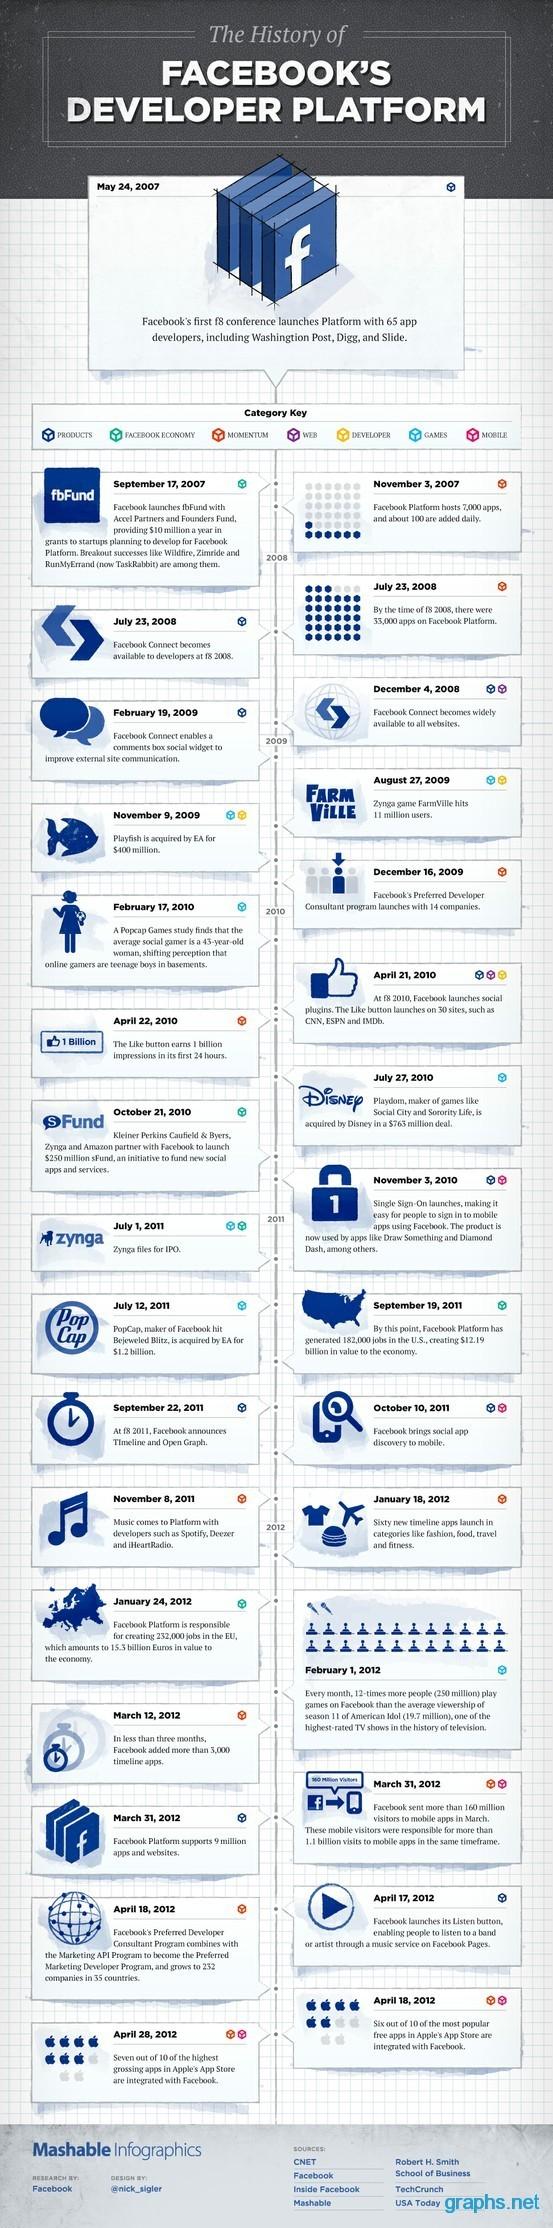 Facebook Developer Platform History